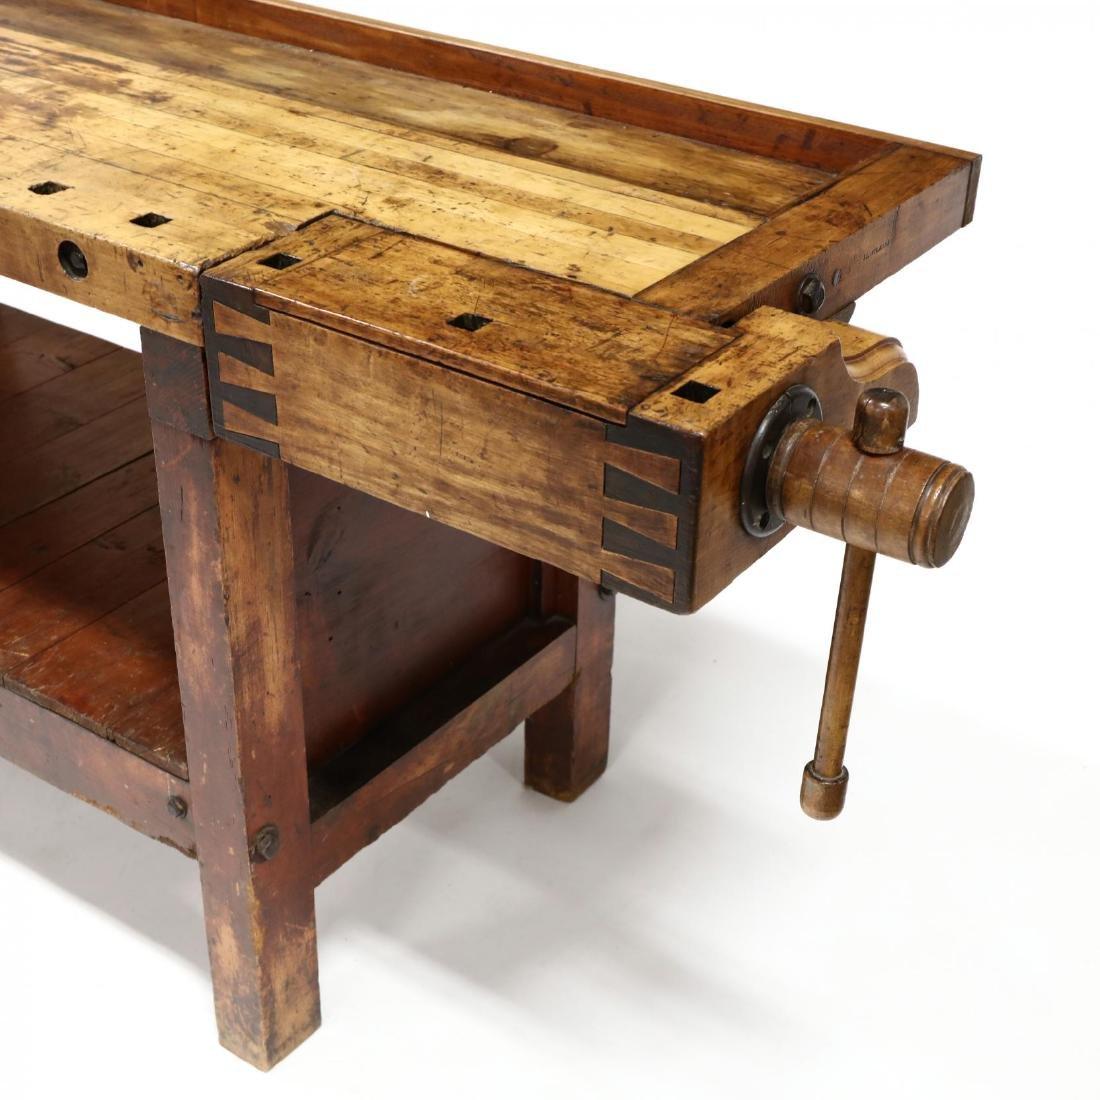 Antique Industrial Workbench / Desk - 2